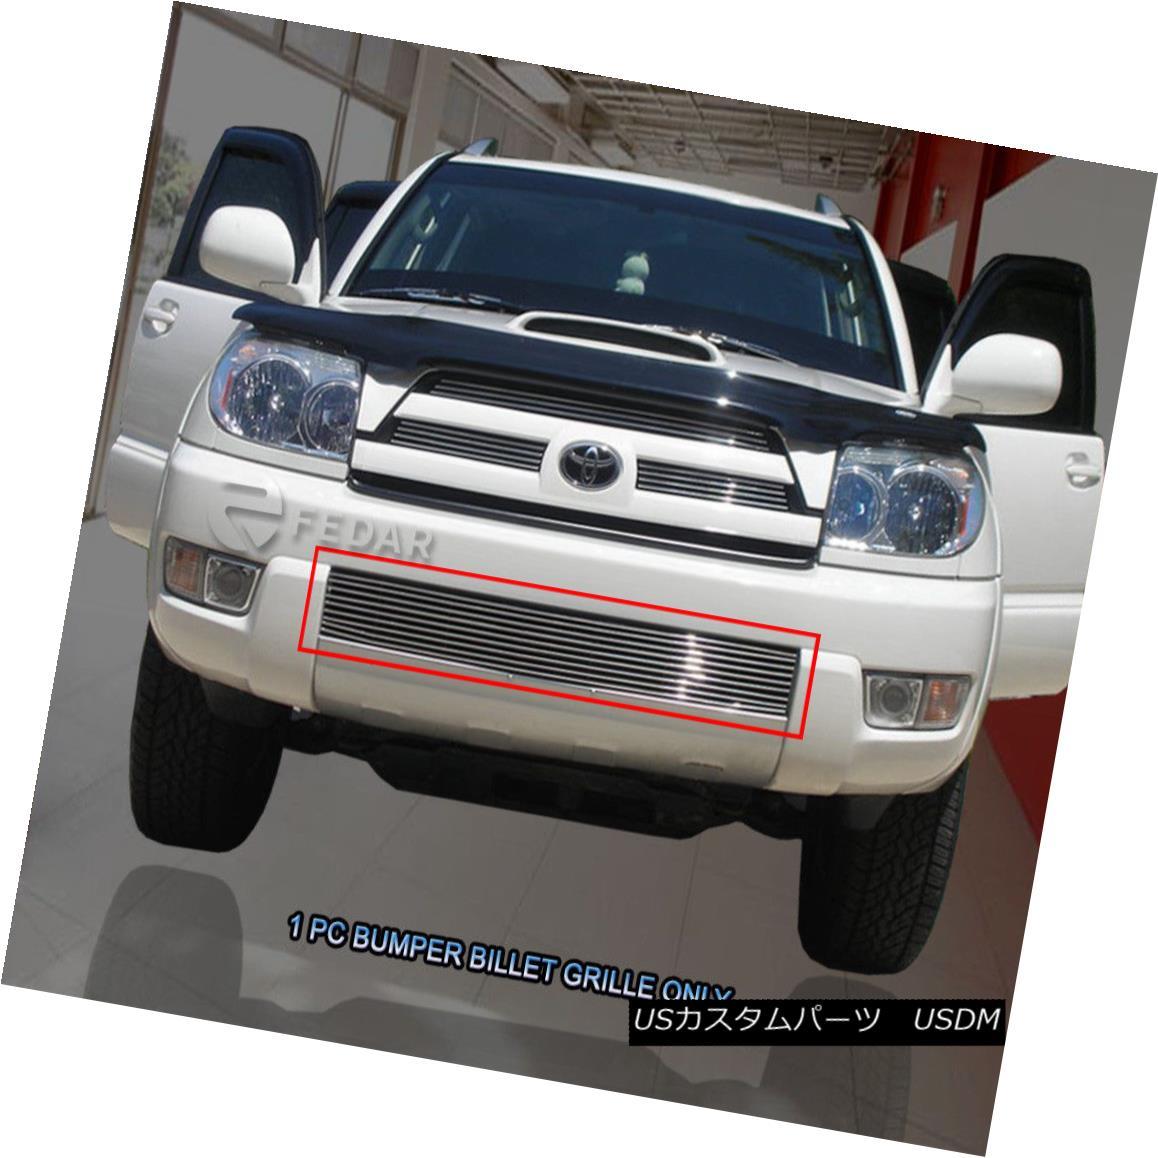 グリル For 2003-2005 Toyota 4Runner Bolt-On Billet Grille Bumper Grill Insert Fedar 2003?2005年トヨタ4Runner Bolt-OnビレットグリルバンパーグリルInsert Fedar